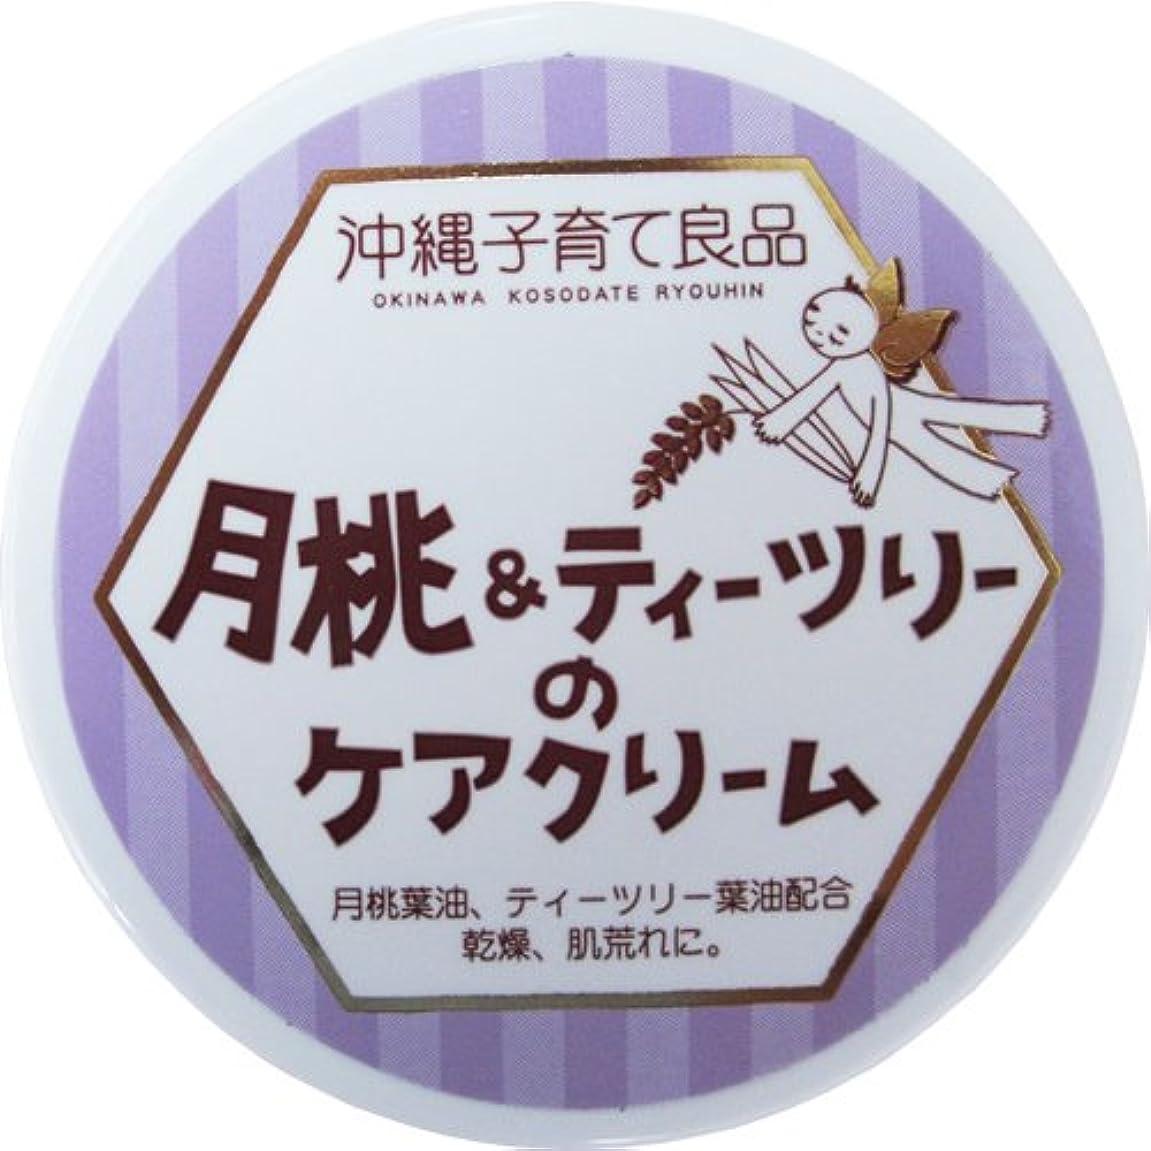 パフ境界おばあさん沖縄子育て良品 月桃&ティツリーのケアクリーム (25g)